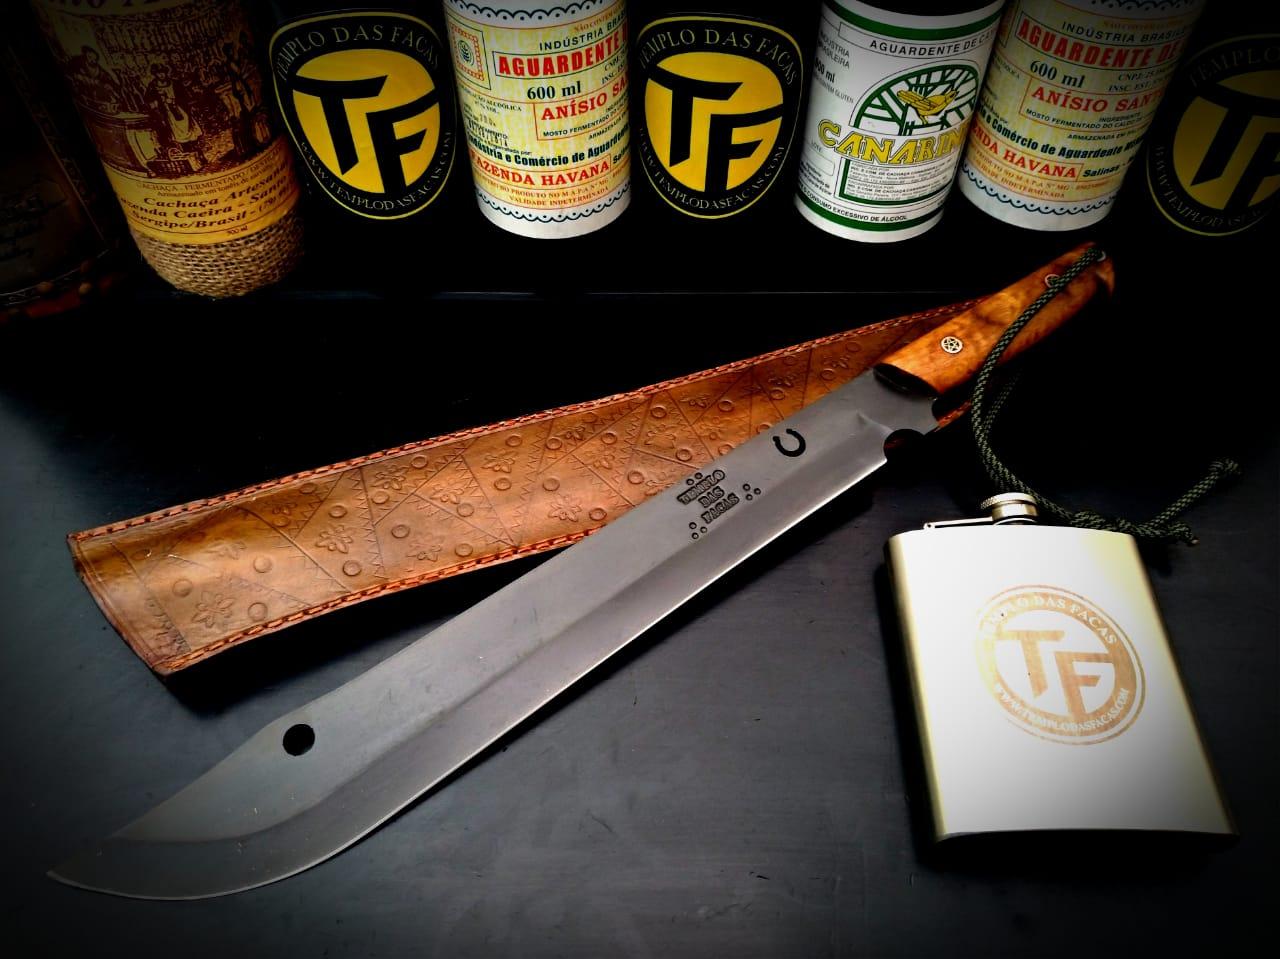 TF Facão artesanal tropeiro 13 polegadas